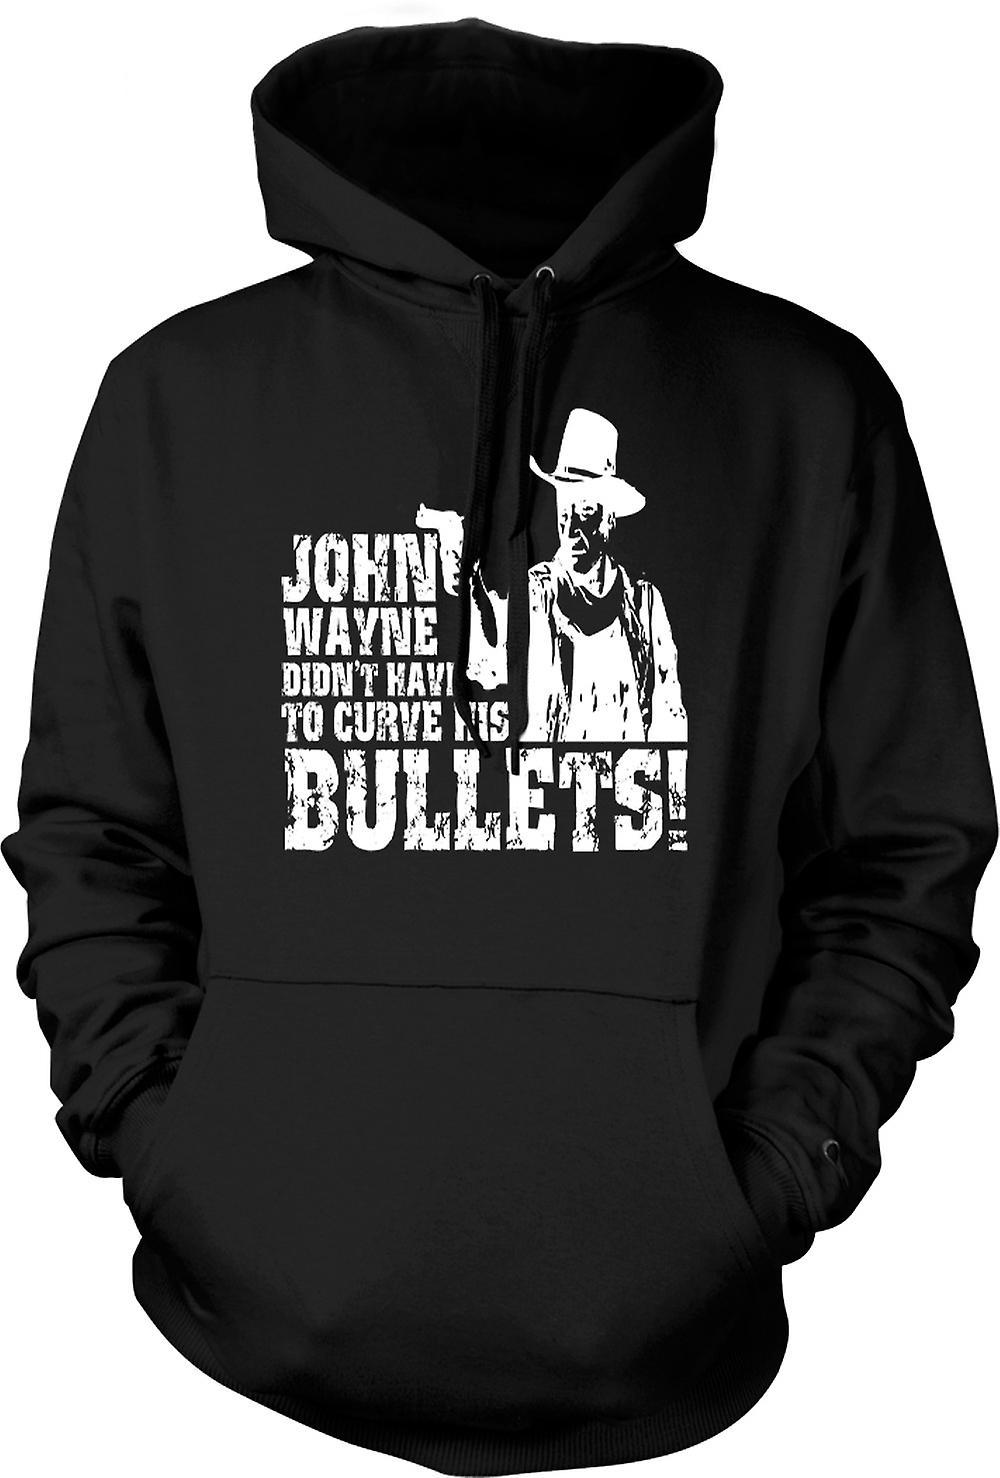 Kids Hoodie - John Wayne Curved - Cowboy